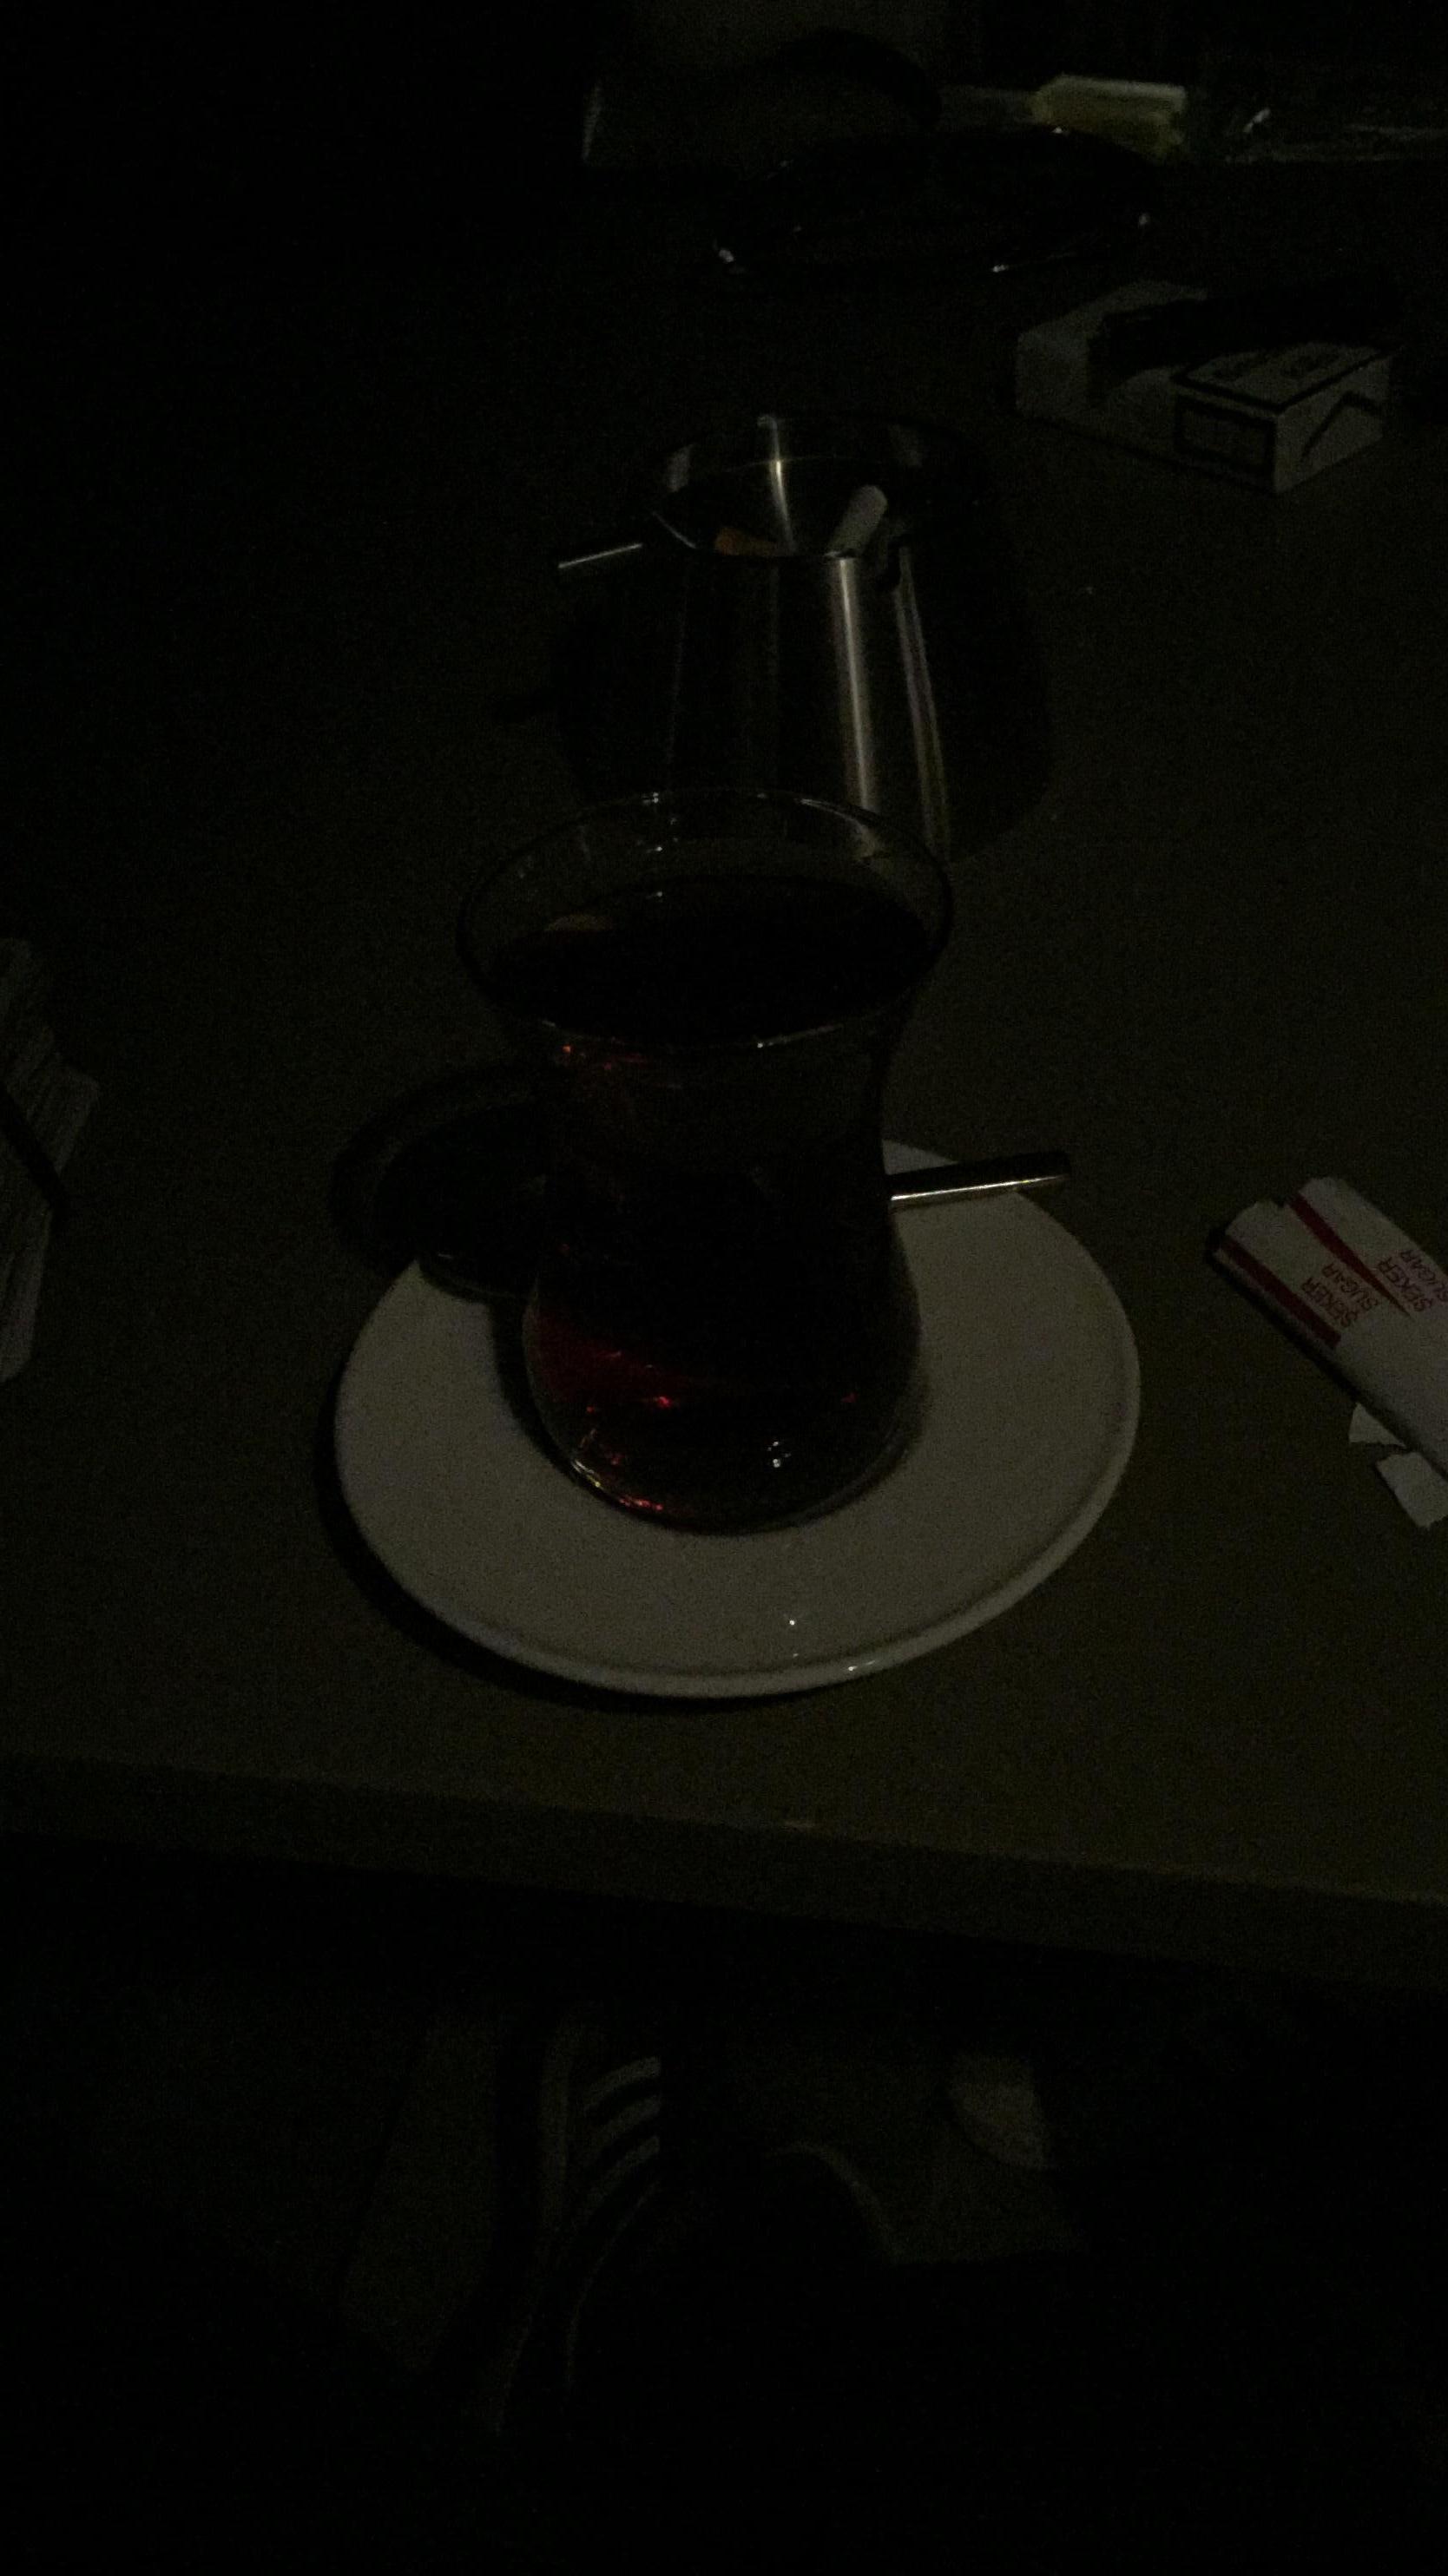 Uns immer schön Tee trinken 👍